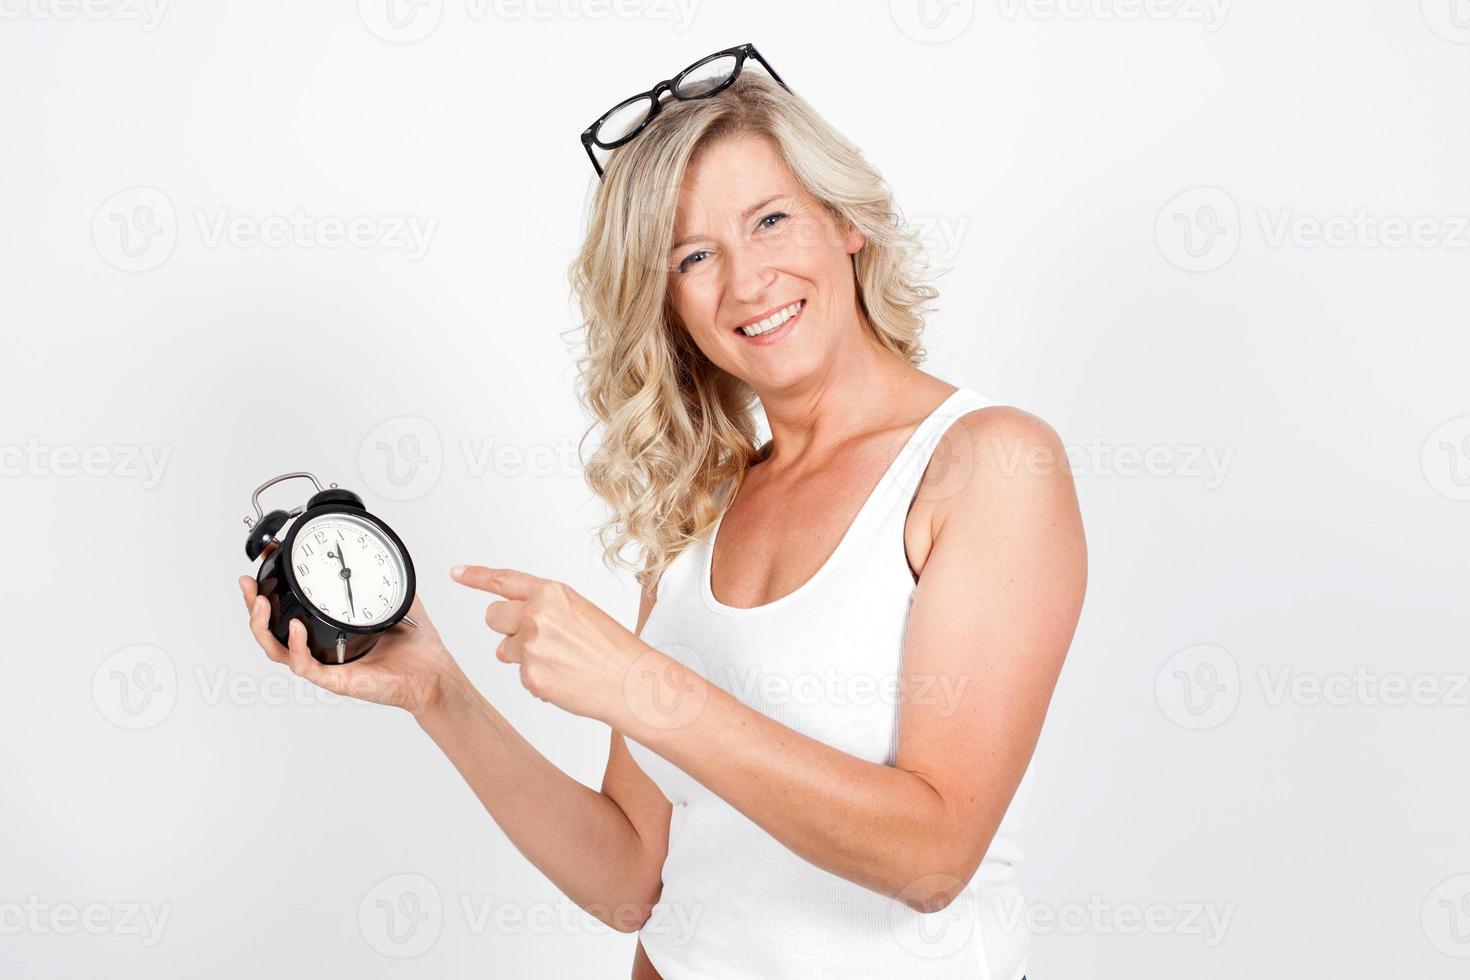 mooie blonde volwassen vrouw die een klok, wekker houdt. foto